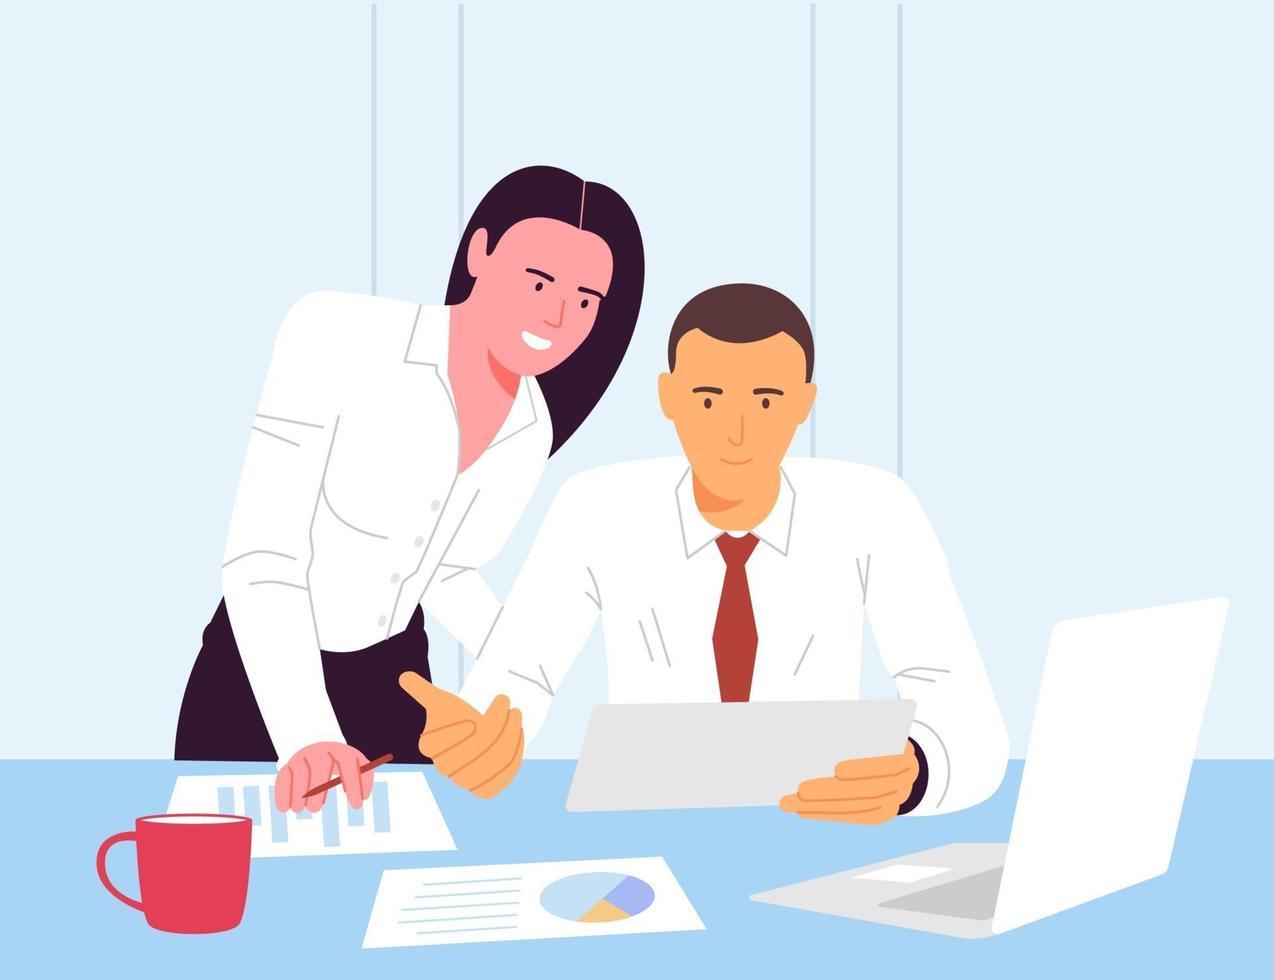 platte vectorillustratie van workflow op kantoor, een groep zakenlieden die op een computer werken, en een ander deel van marketeers bespreken marketingoplossingen en bedrijfsplannen. vector